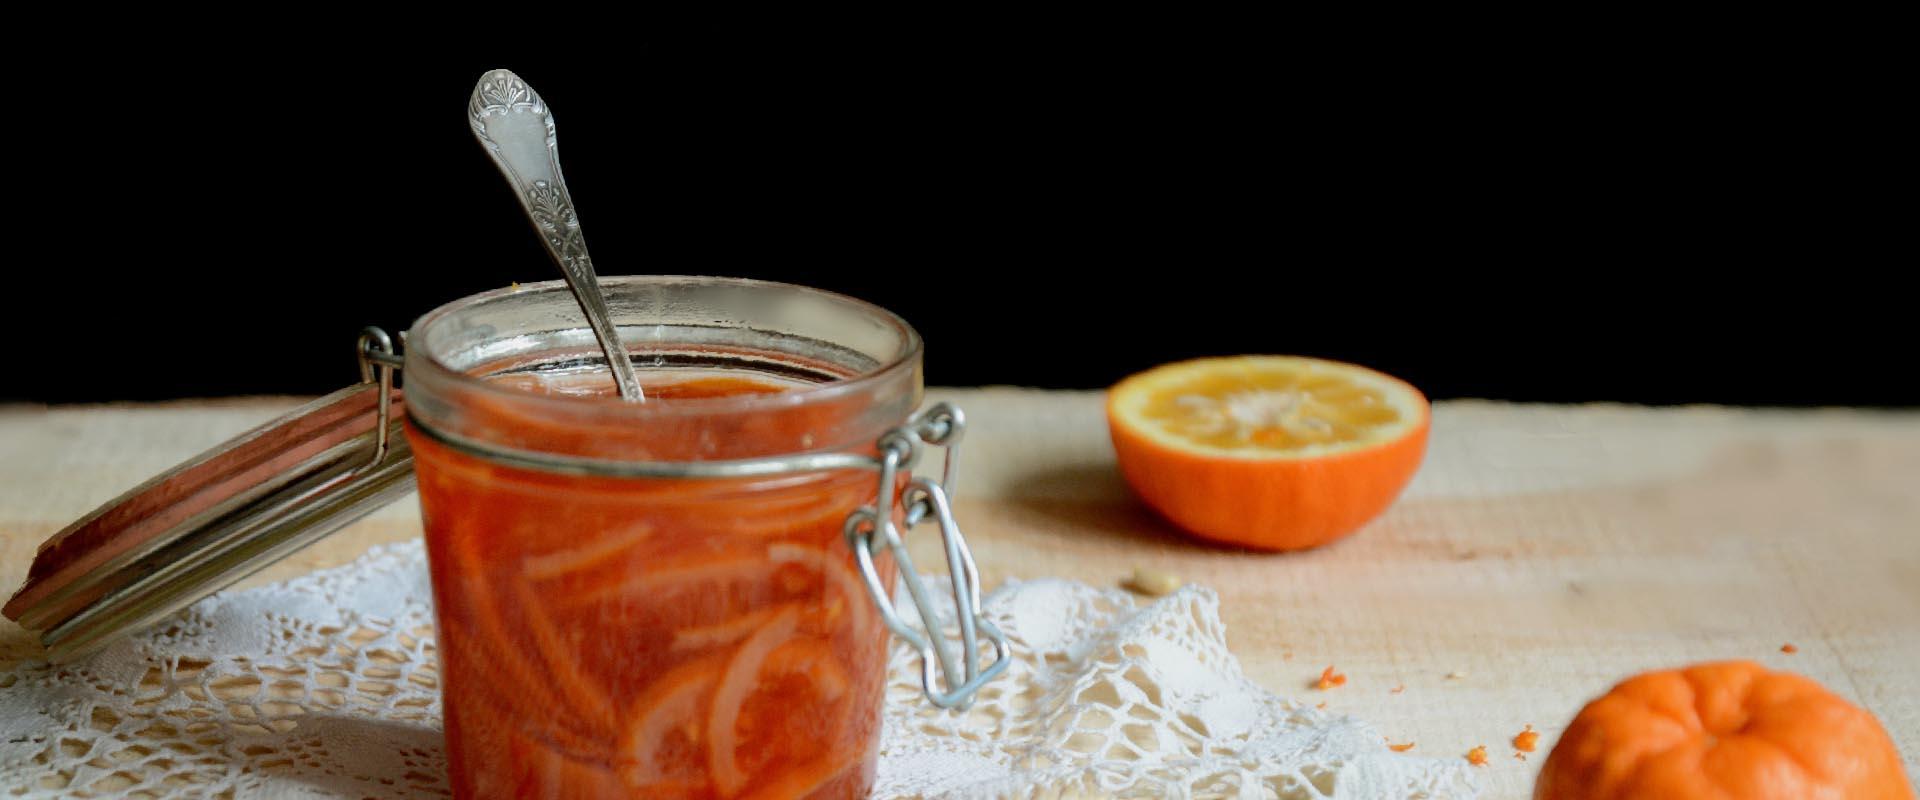 Marmellata di arance amare e mele